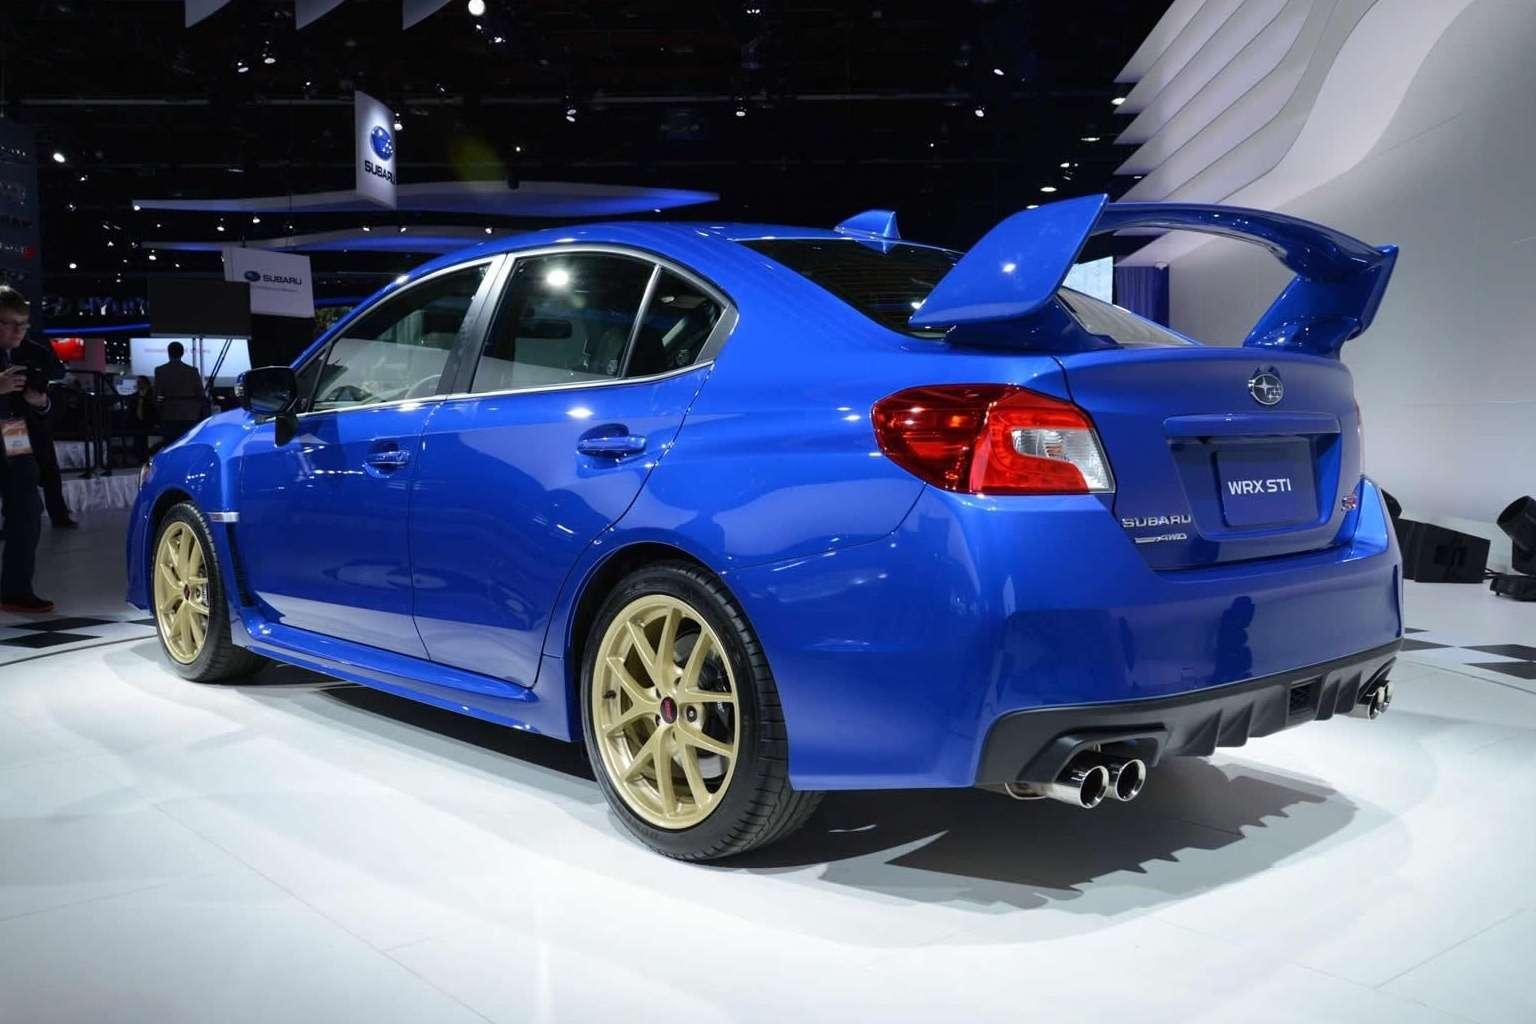 Subaru WRX STI_2